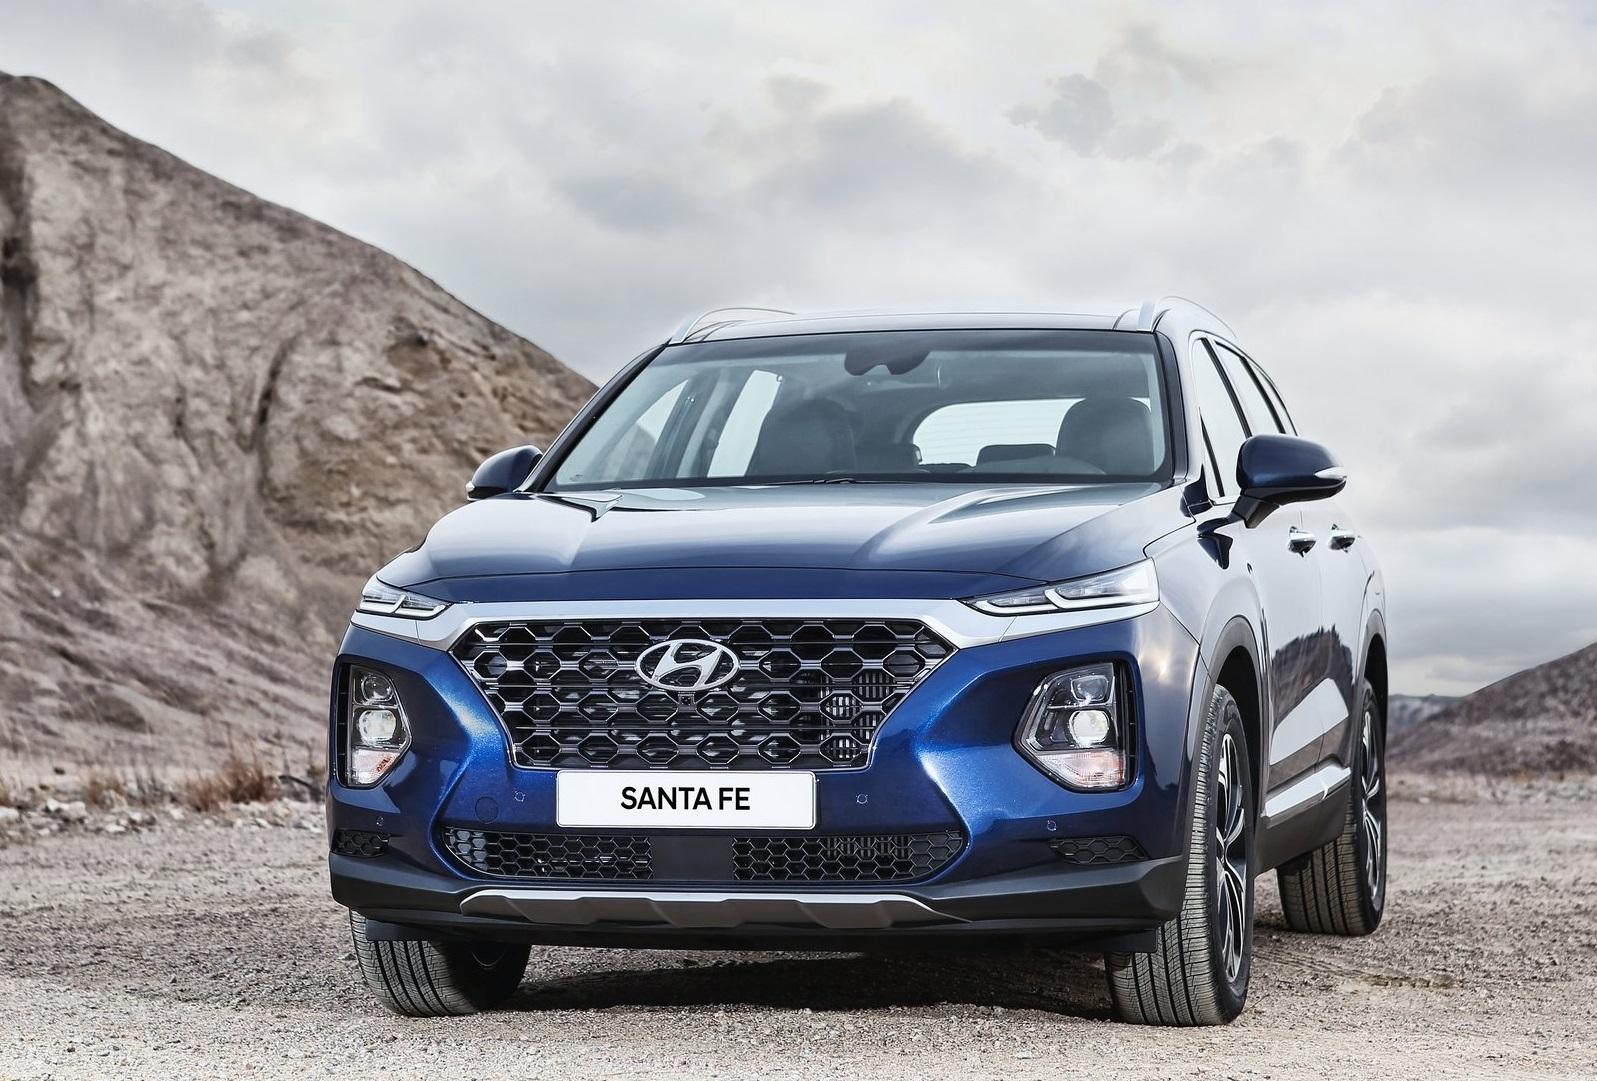 Hyundai Santafe 16 - Hyundai Santafe mới: giá xe và khuyến mãi tháng [hienthithang]/[hienthinam]